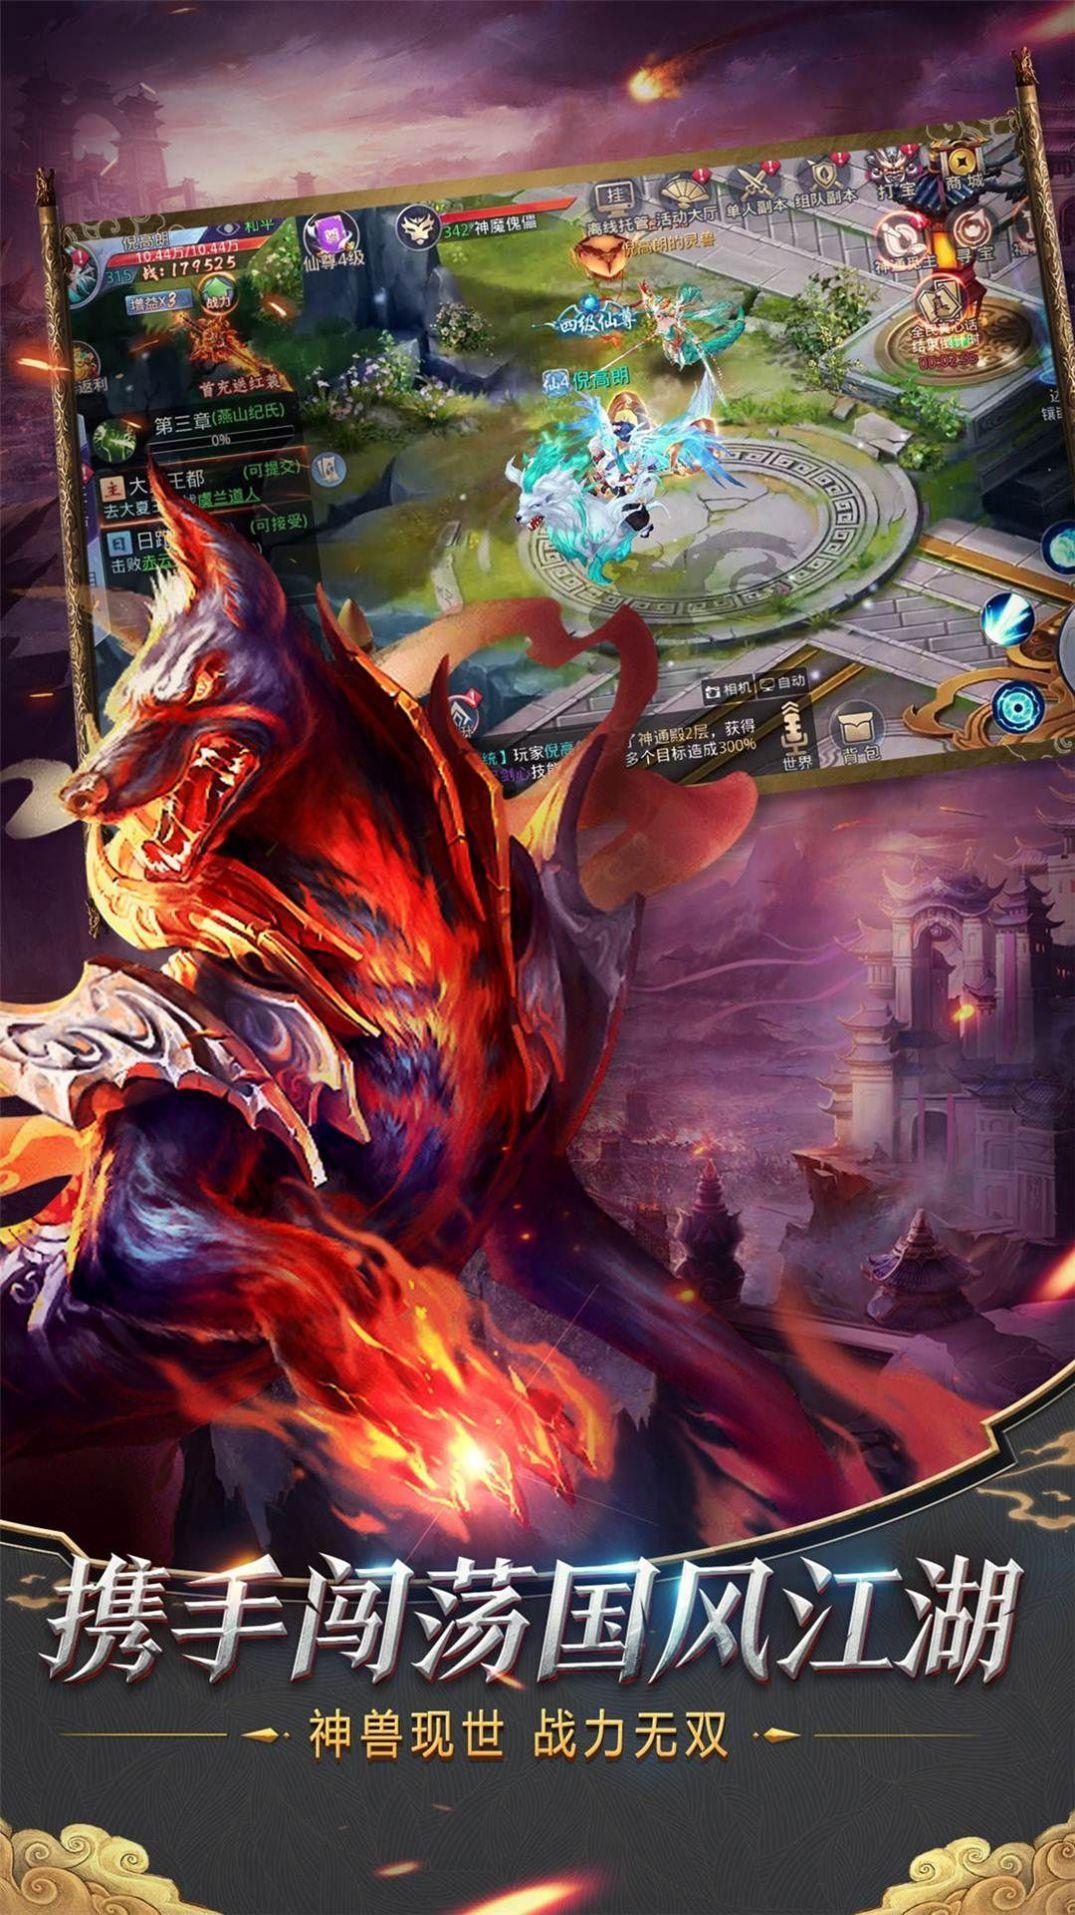 魔兽全面征战完整版截图2